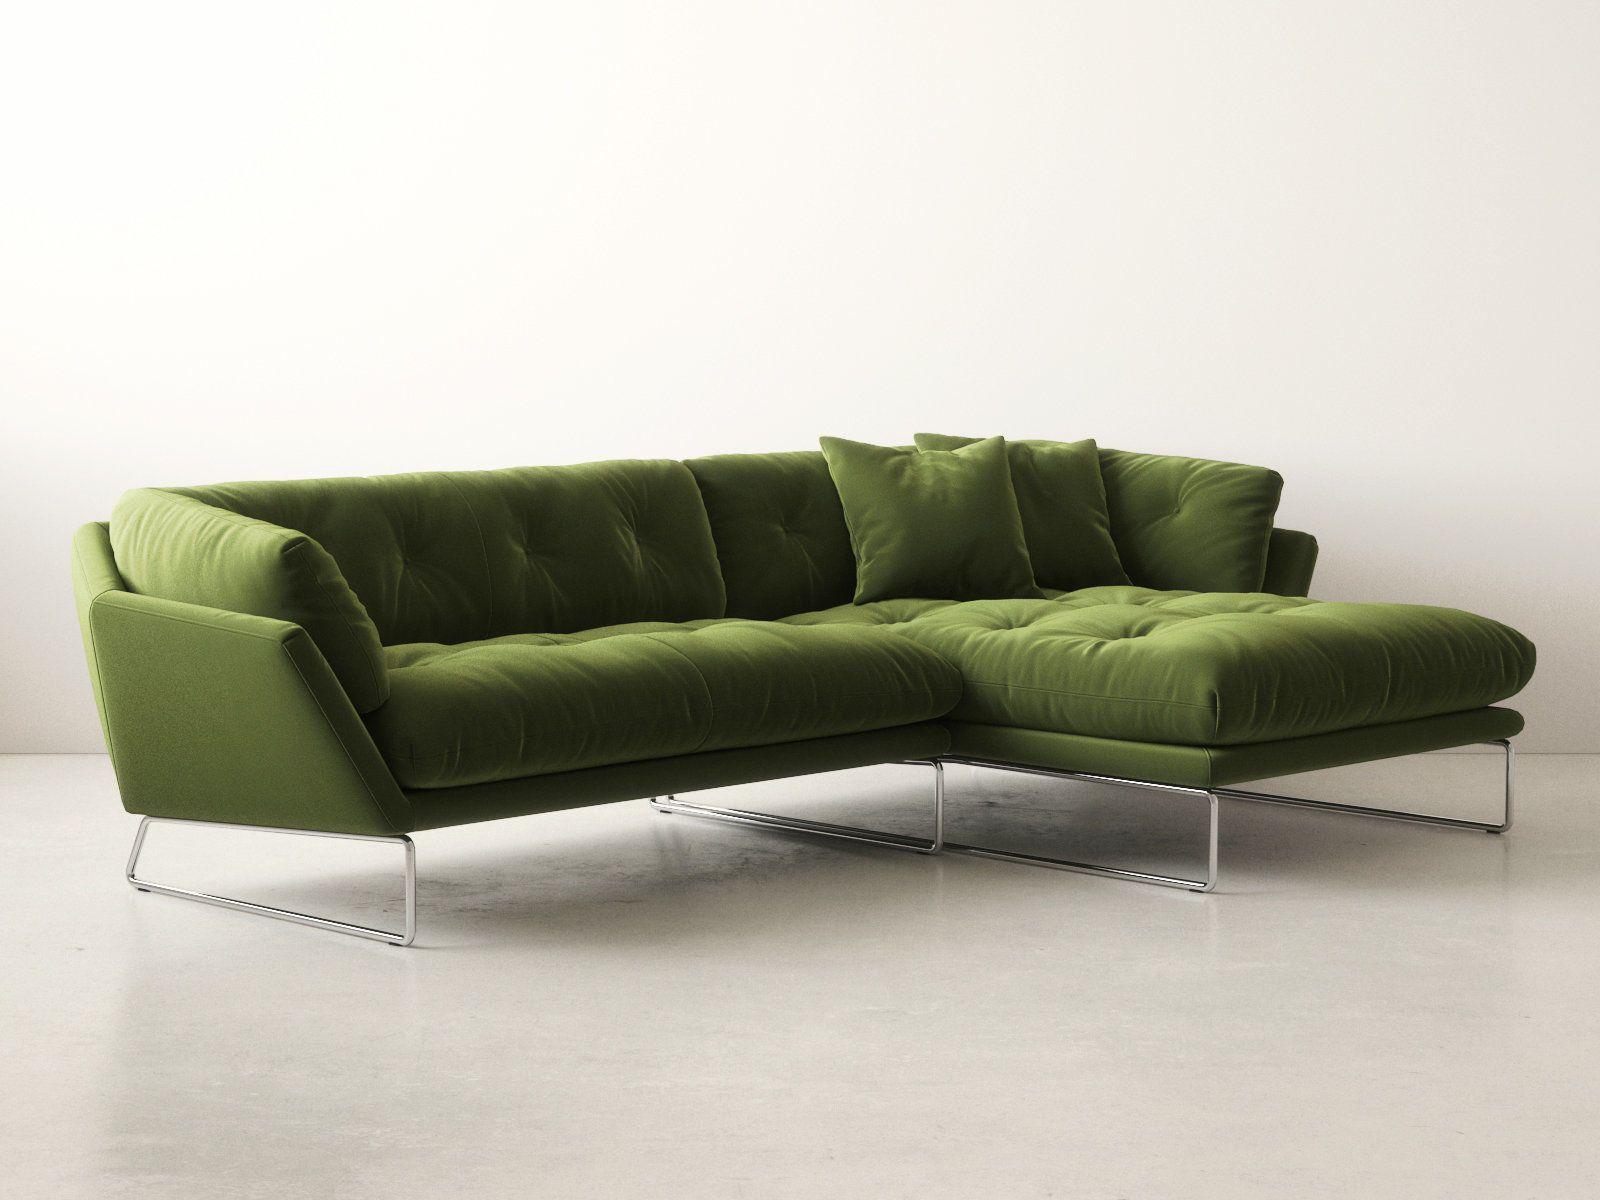 Grosses Ecksofa Scs Sofas Ecksofa Angebote Ecke Sofa Ecke Sofa Abmessungen Sofa Corner Sofa Small Sofa Set Sofa